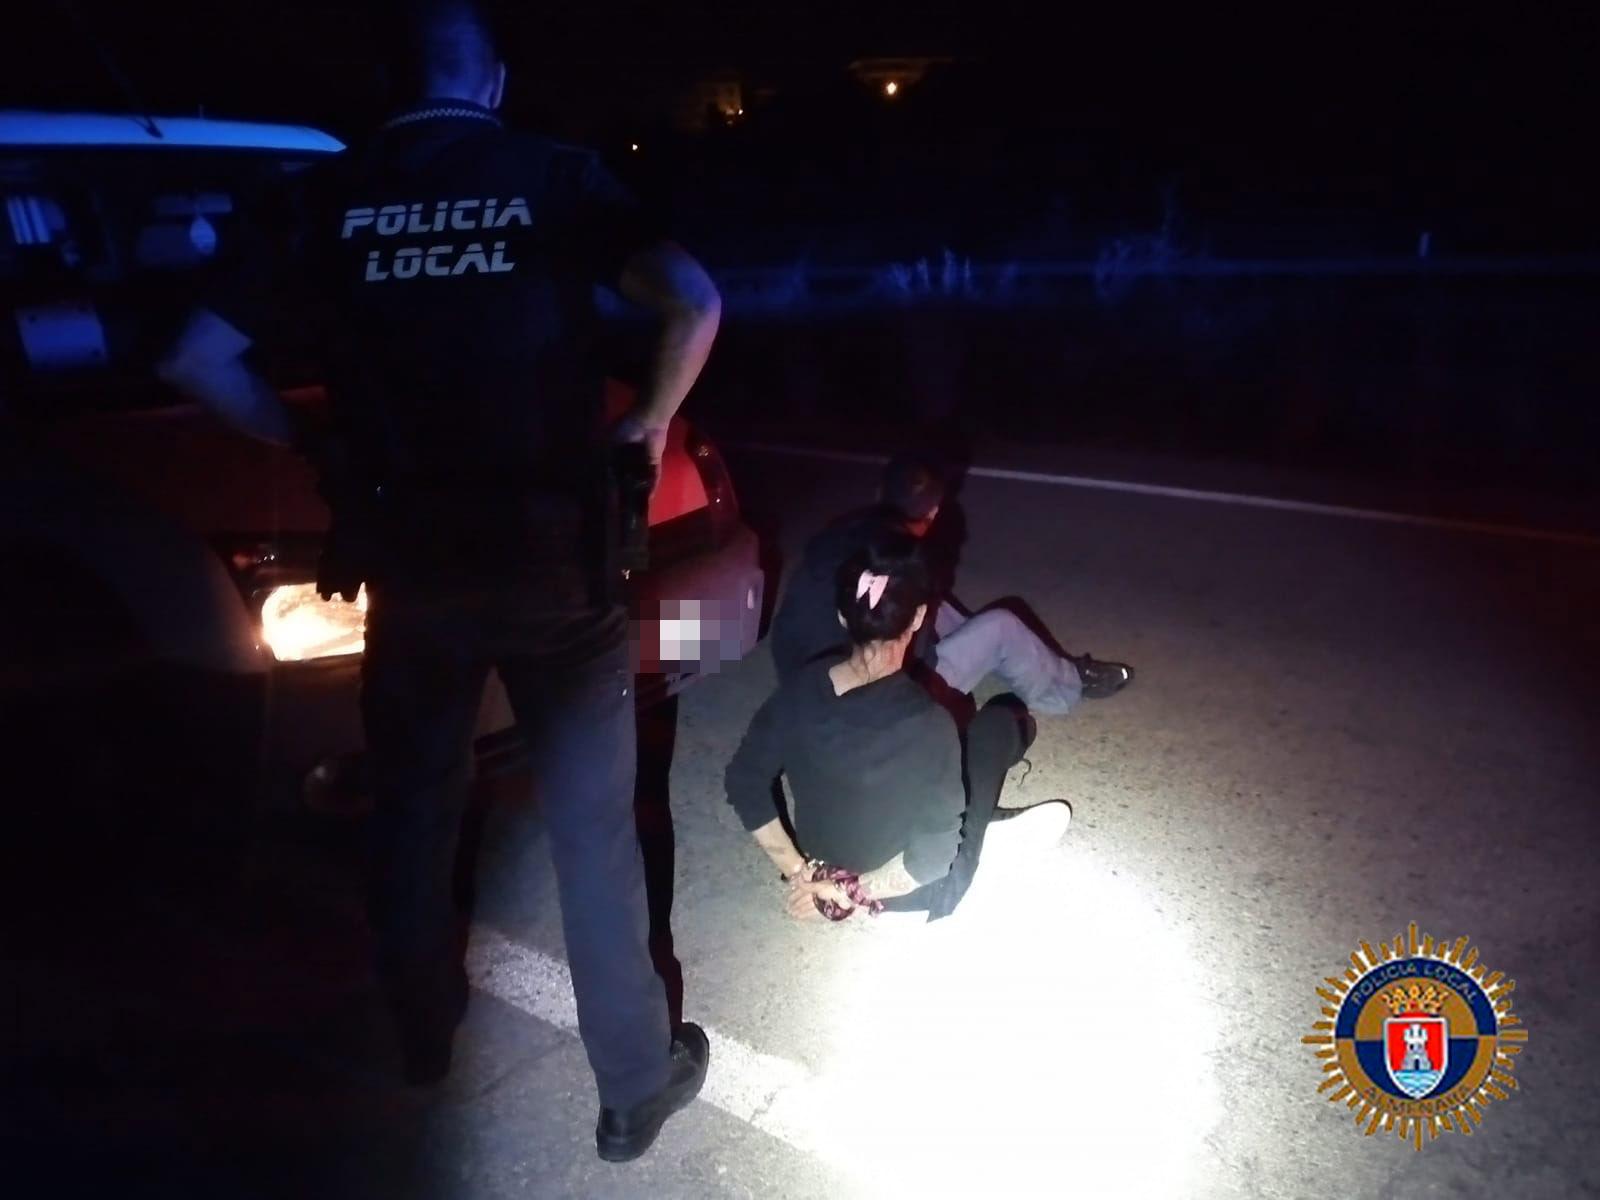 La Policía Local de Almenara detiene a dos personas tras un robo en una urbanización